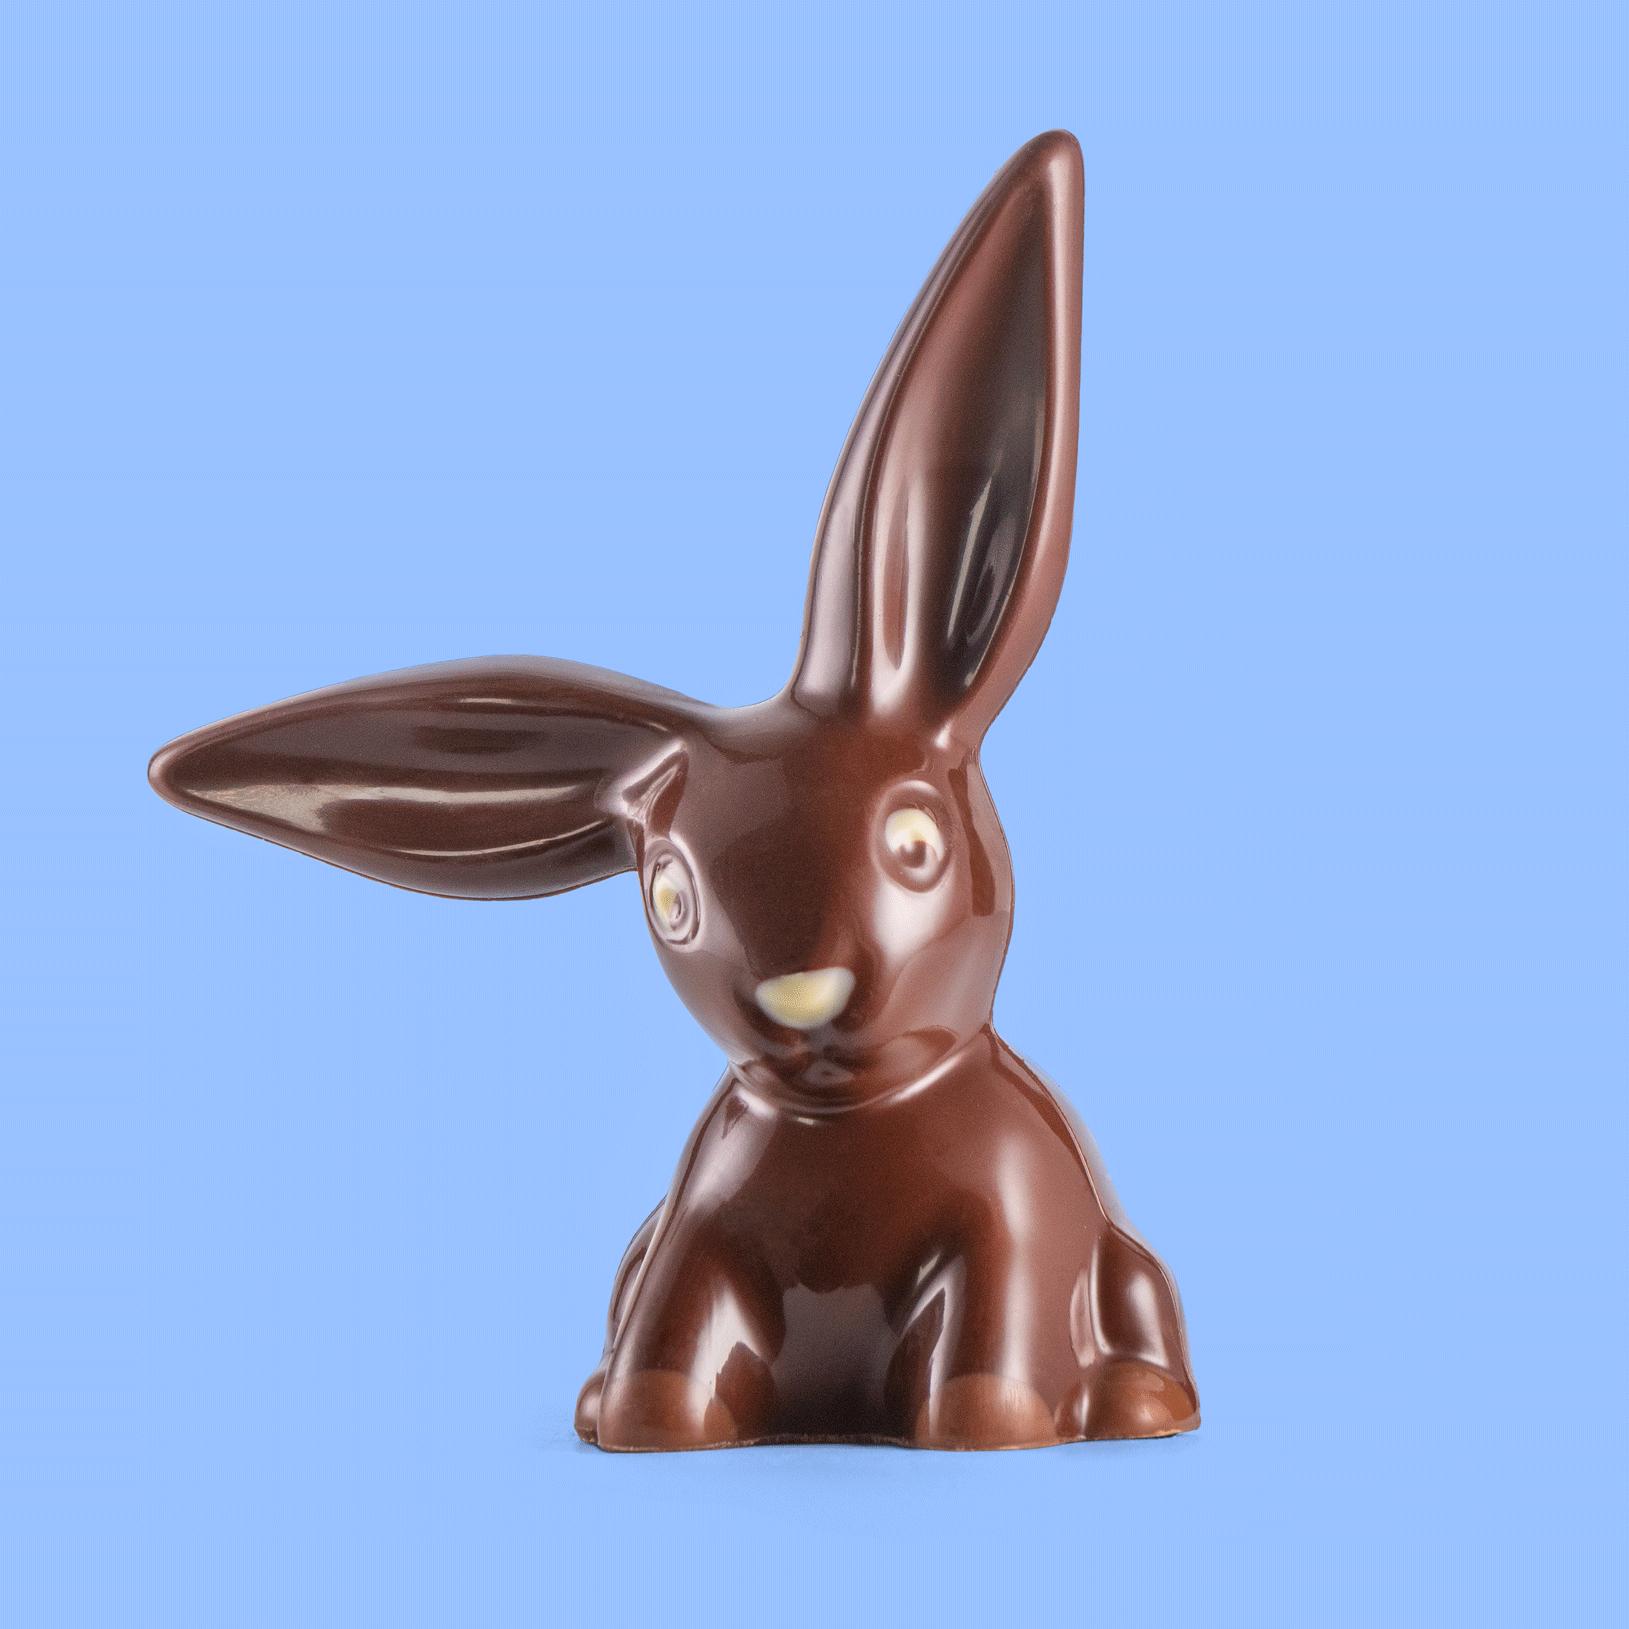 Schokoladenhase Lamiohr by Beschle